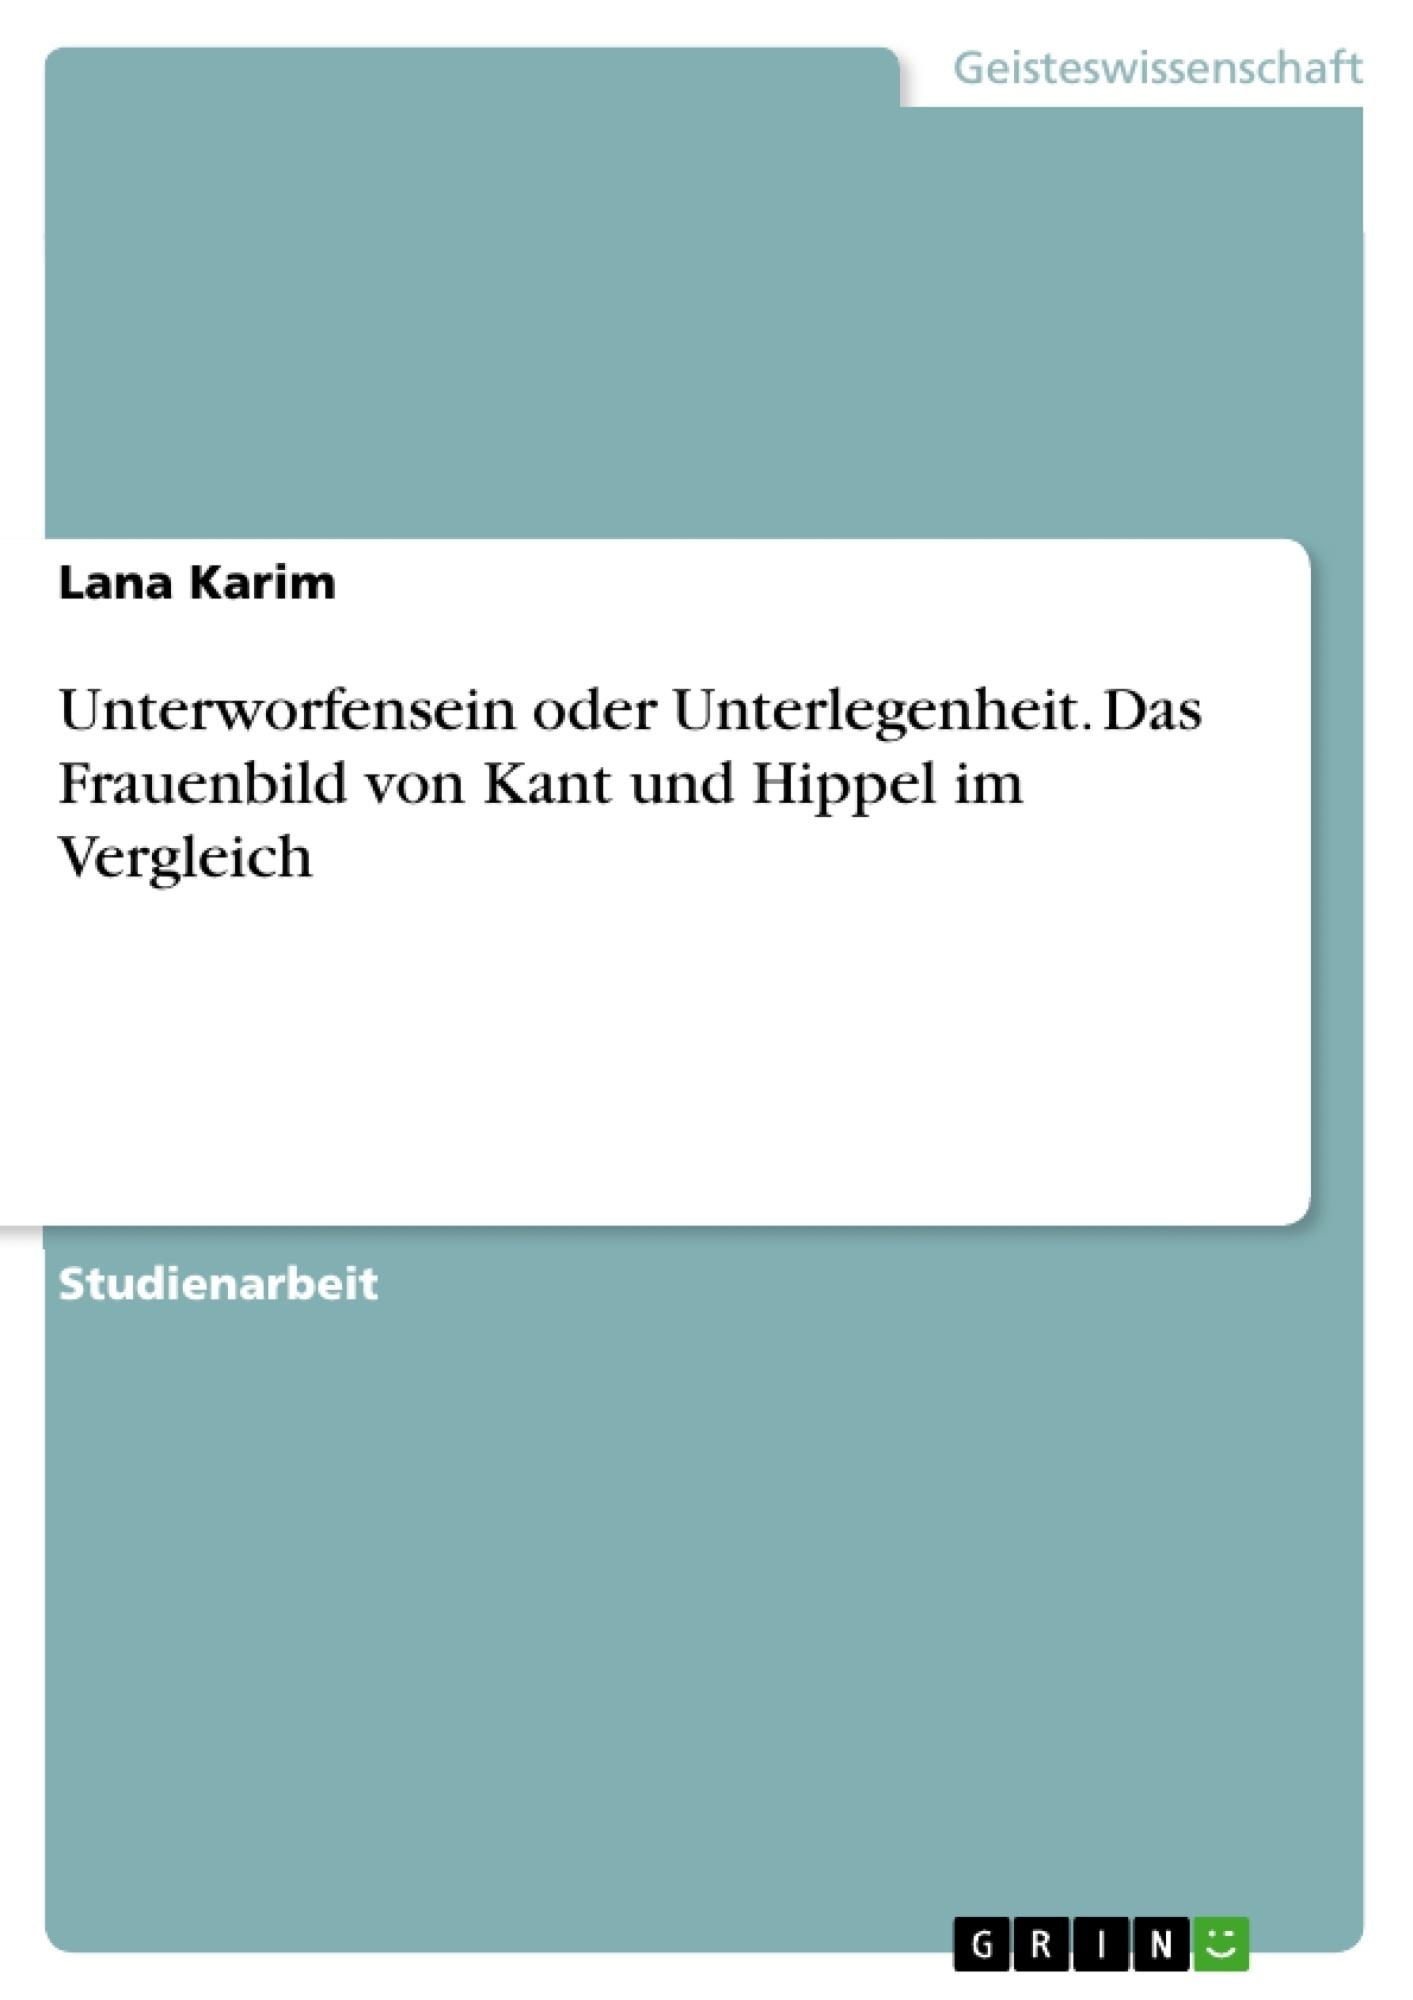 Titel: Unterworfensein oder Unterlegenheit. Das Frauenbild von Kant und Hippel im Vergleich